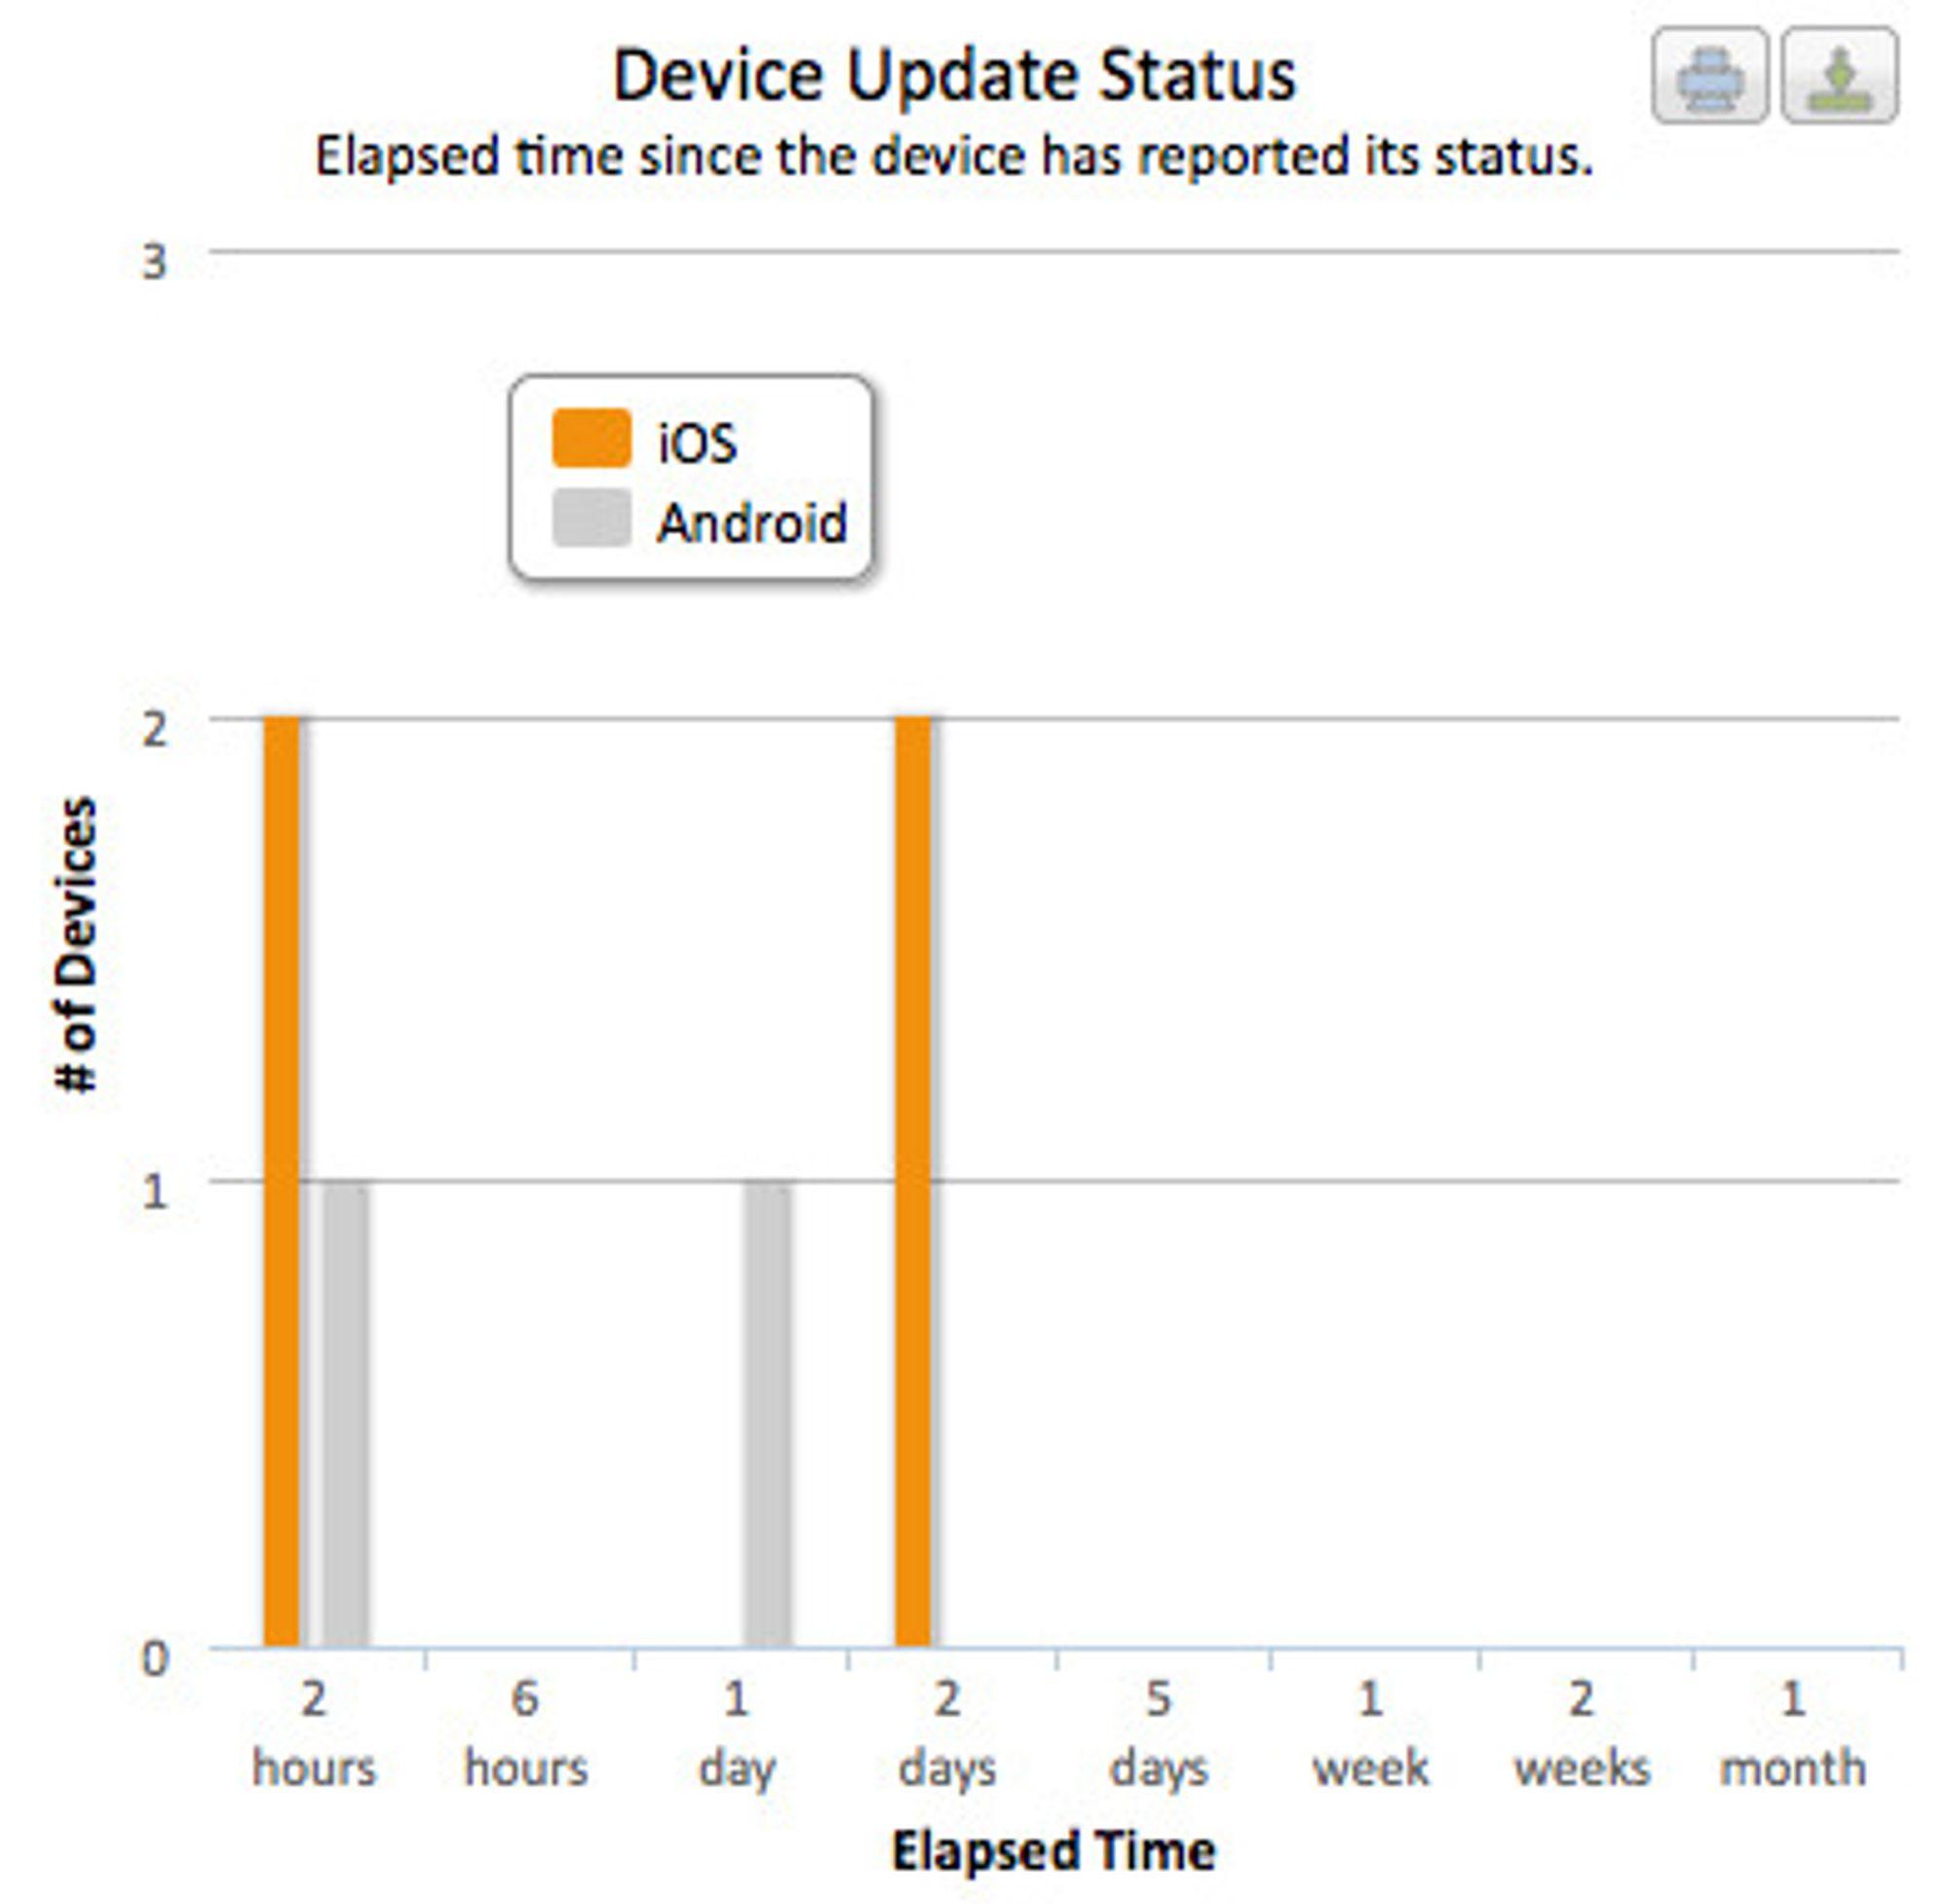 Eksempel på rapport fra EMM: Tid siden de mobile enhetene tilhørende en bestemt gruppe sist meldte sin status.